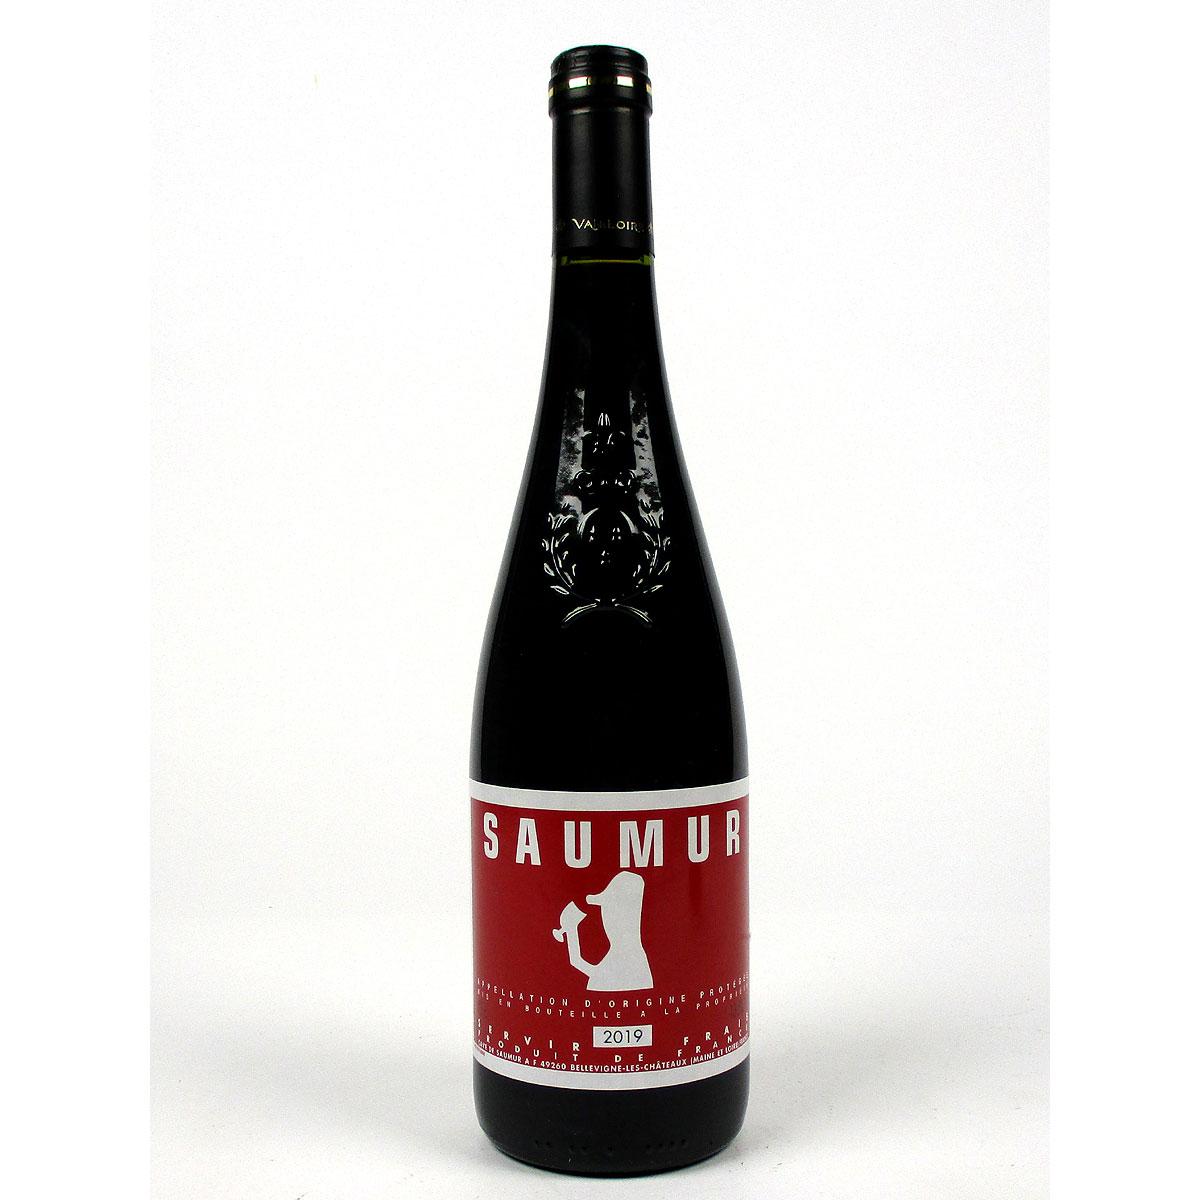 Saumur Rouge 2019 - Bottle